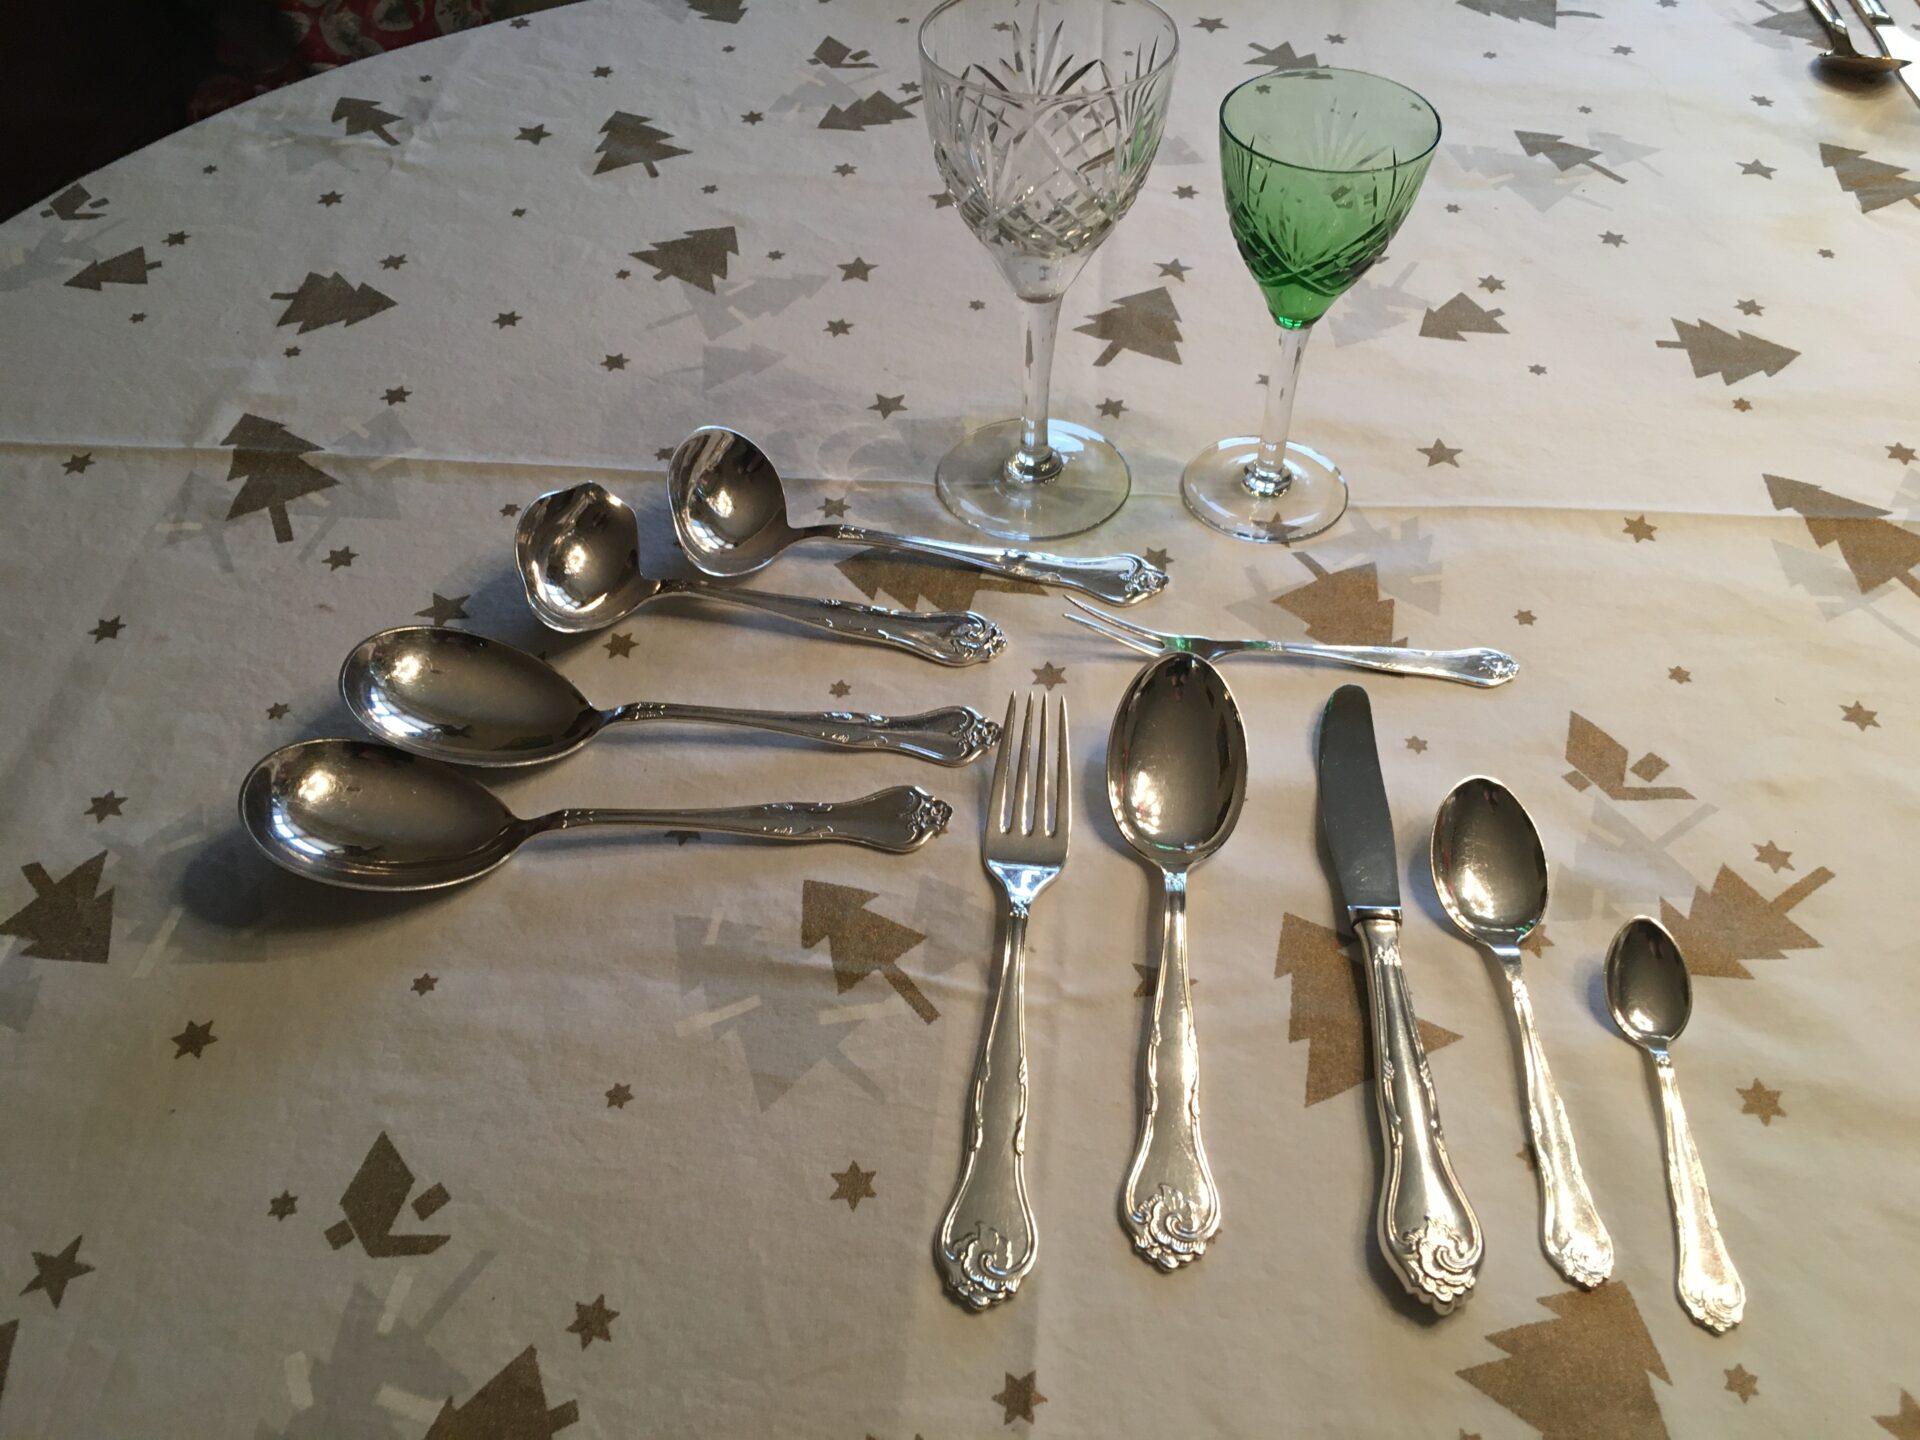 Dagny, sølvpletbestik til 12 personer, meget velholdt, 65 dele sælges samlet for 2000kr